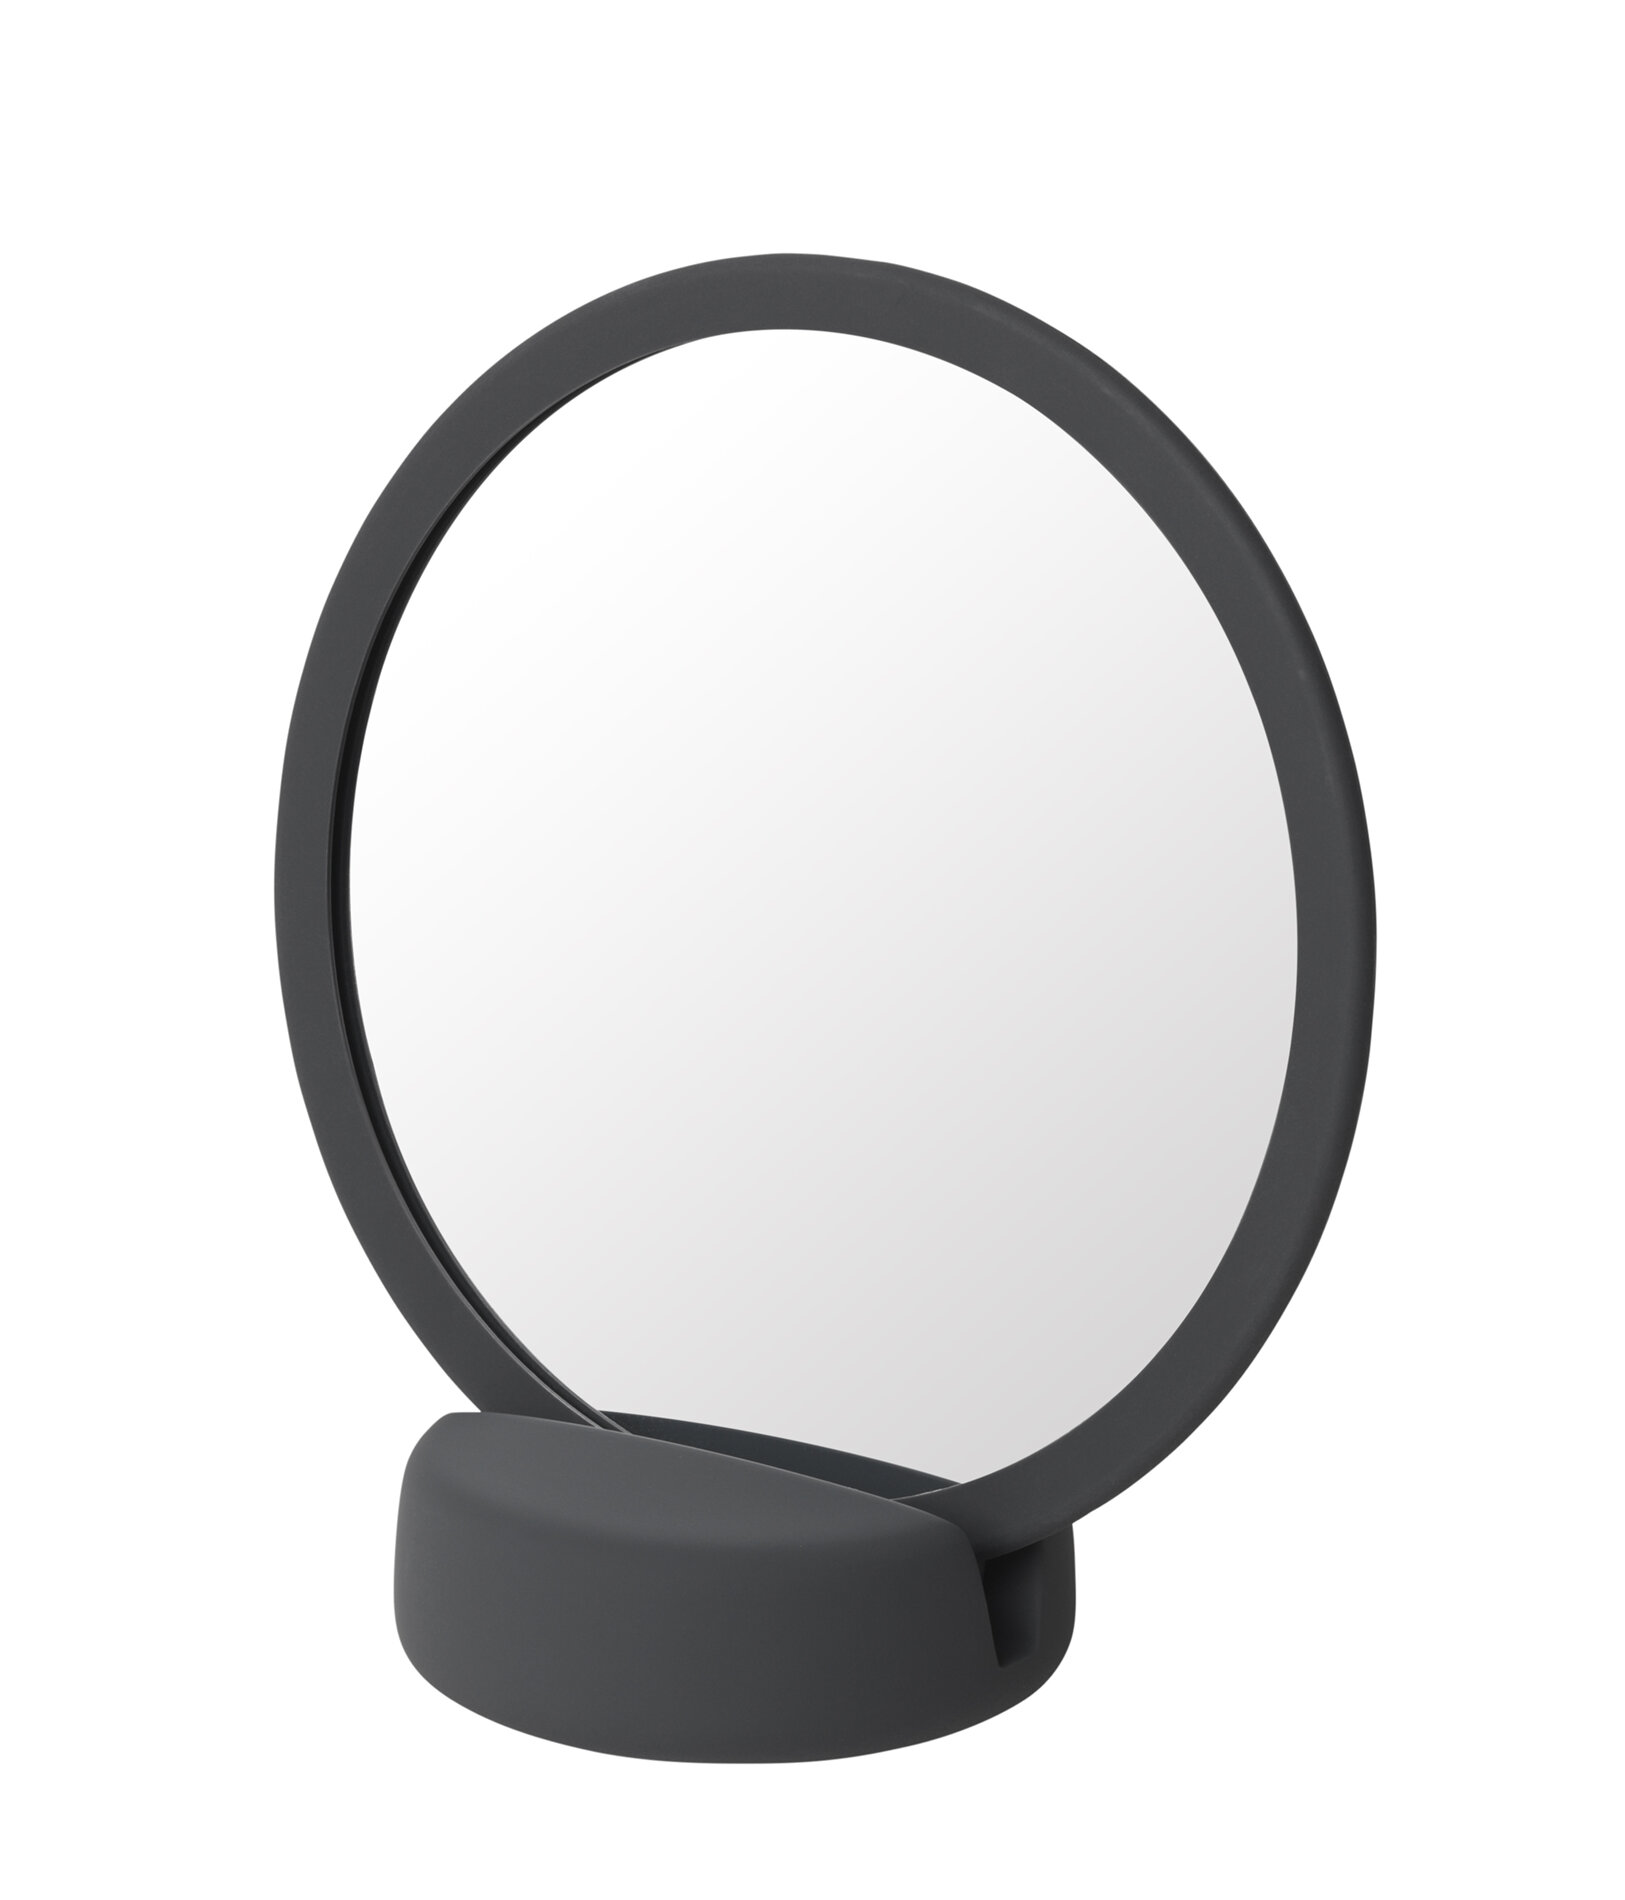 Sono Magnifying Bathroom Vanity Mirror Reviews Allmodern